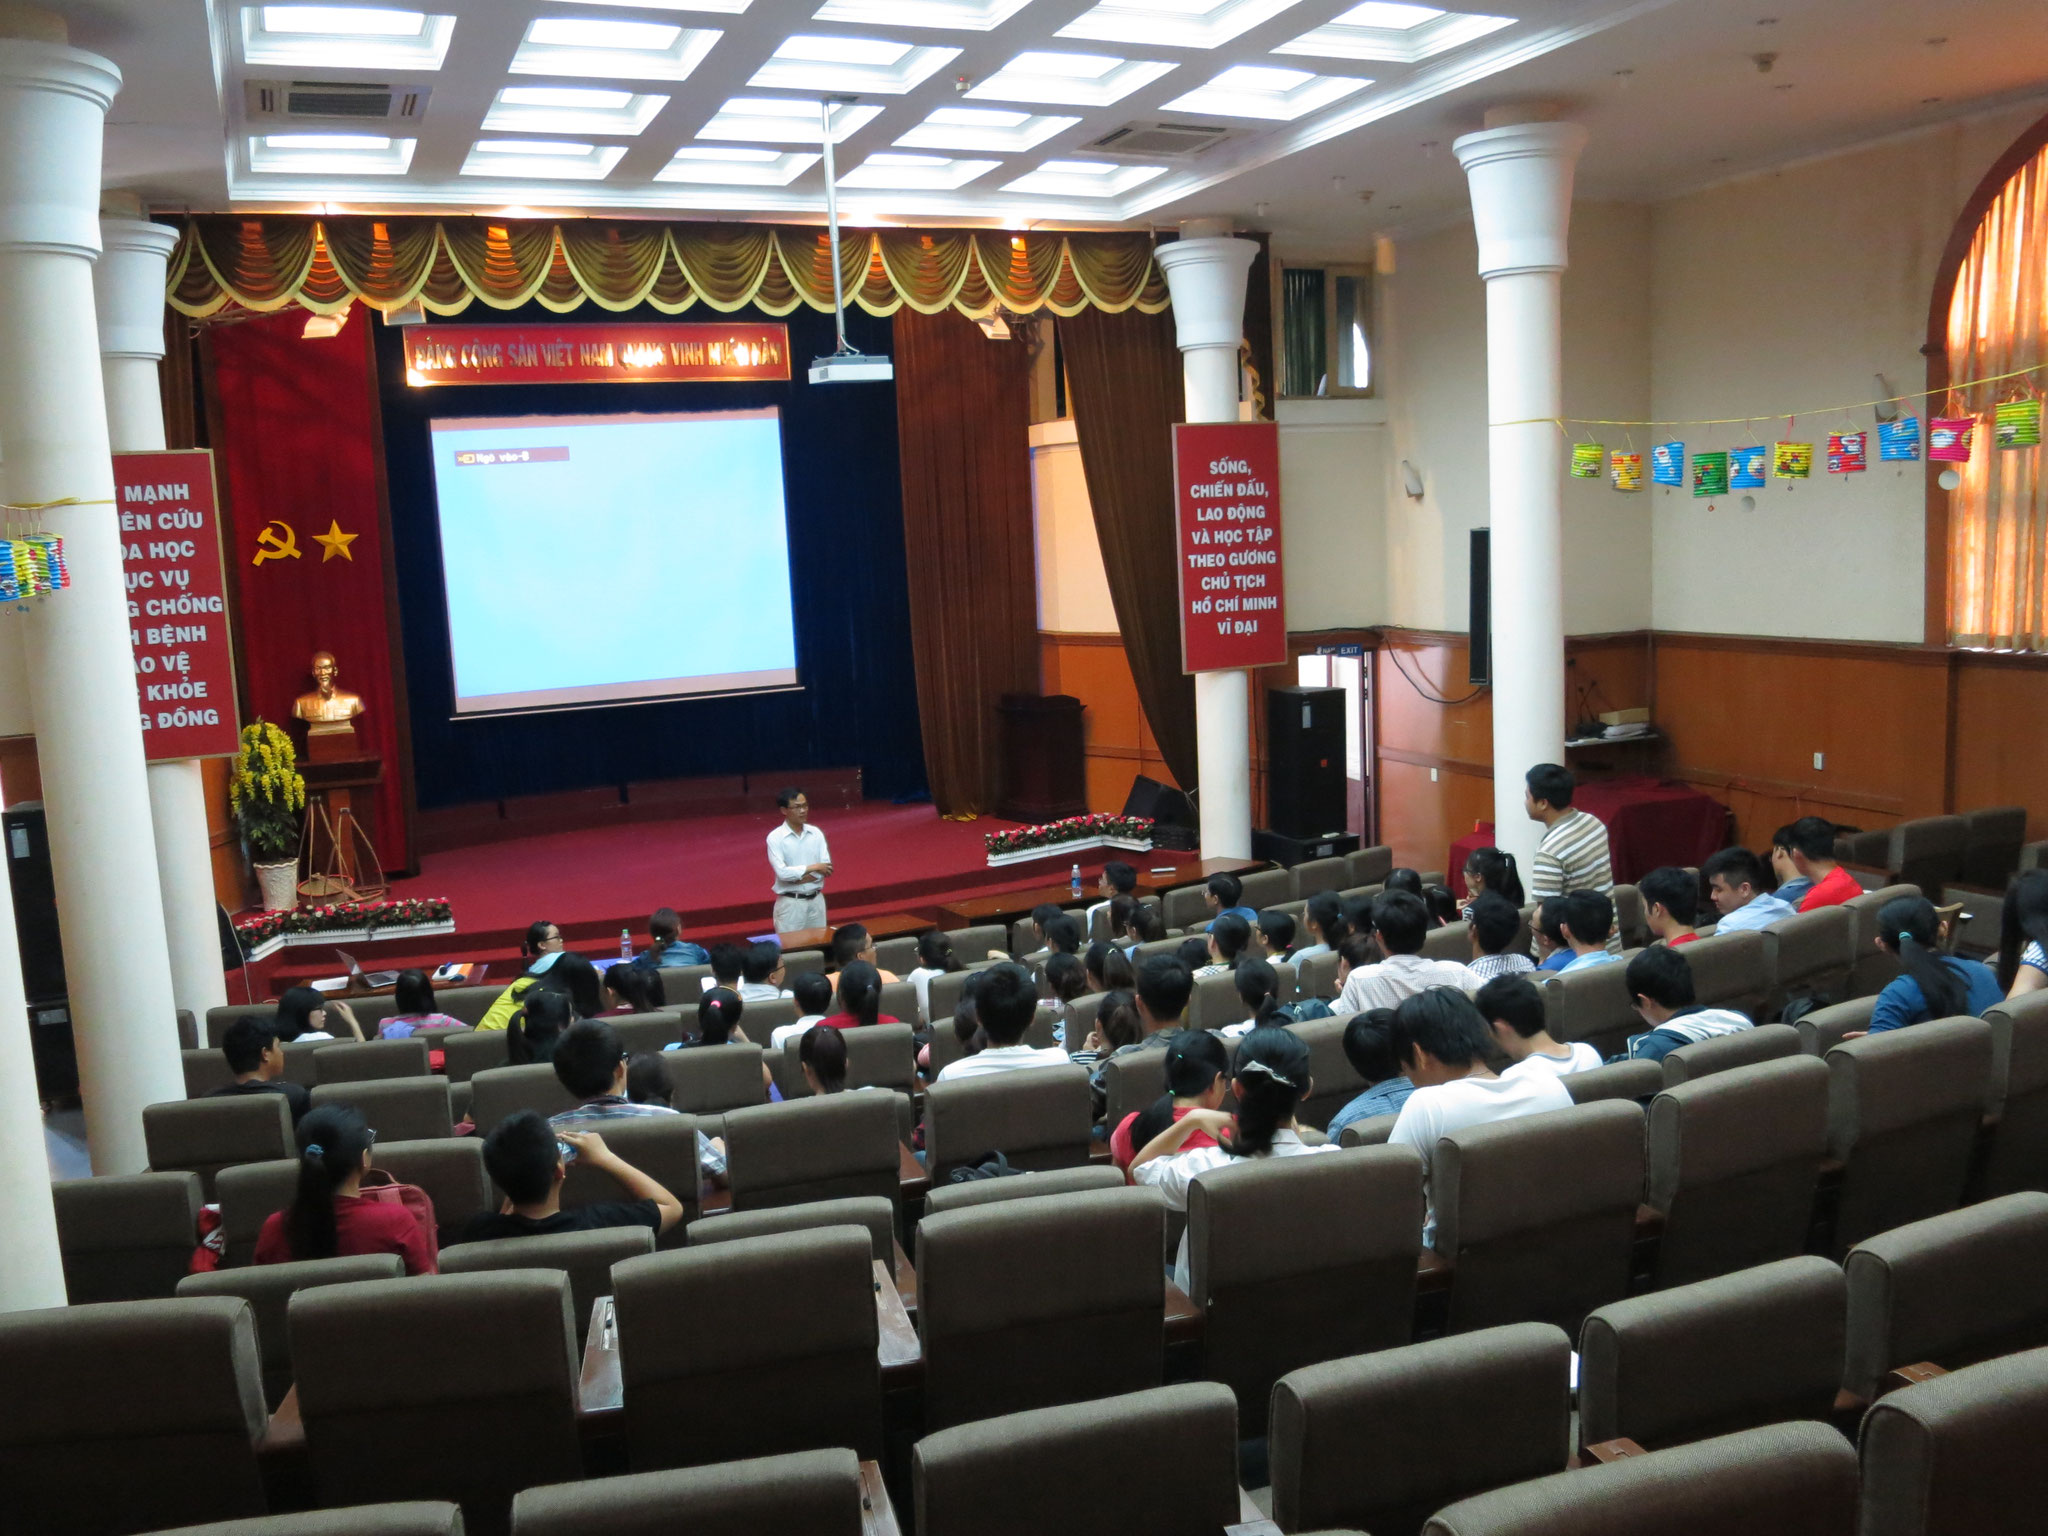 SV YHDP, Đại học Y - Dược TP. Hồ Chí Minh